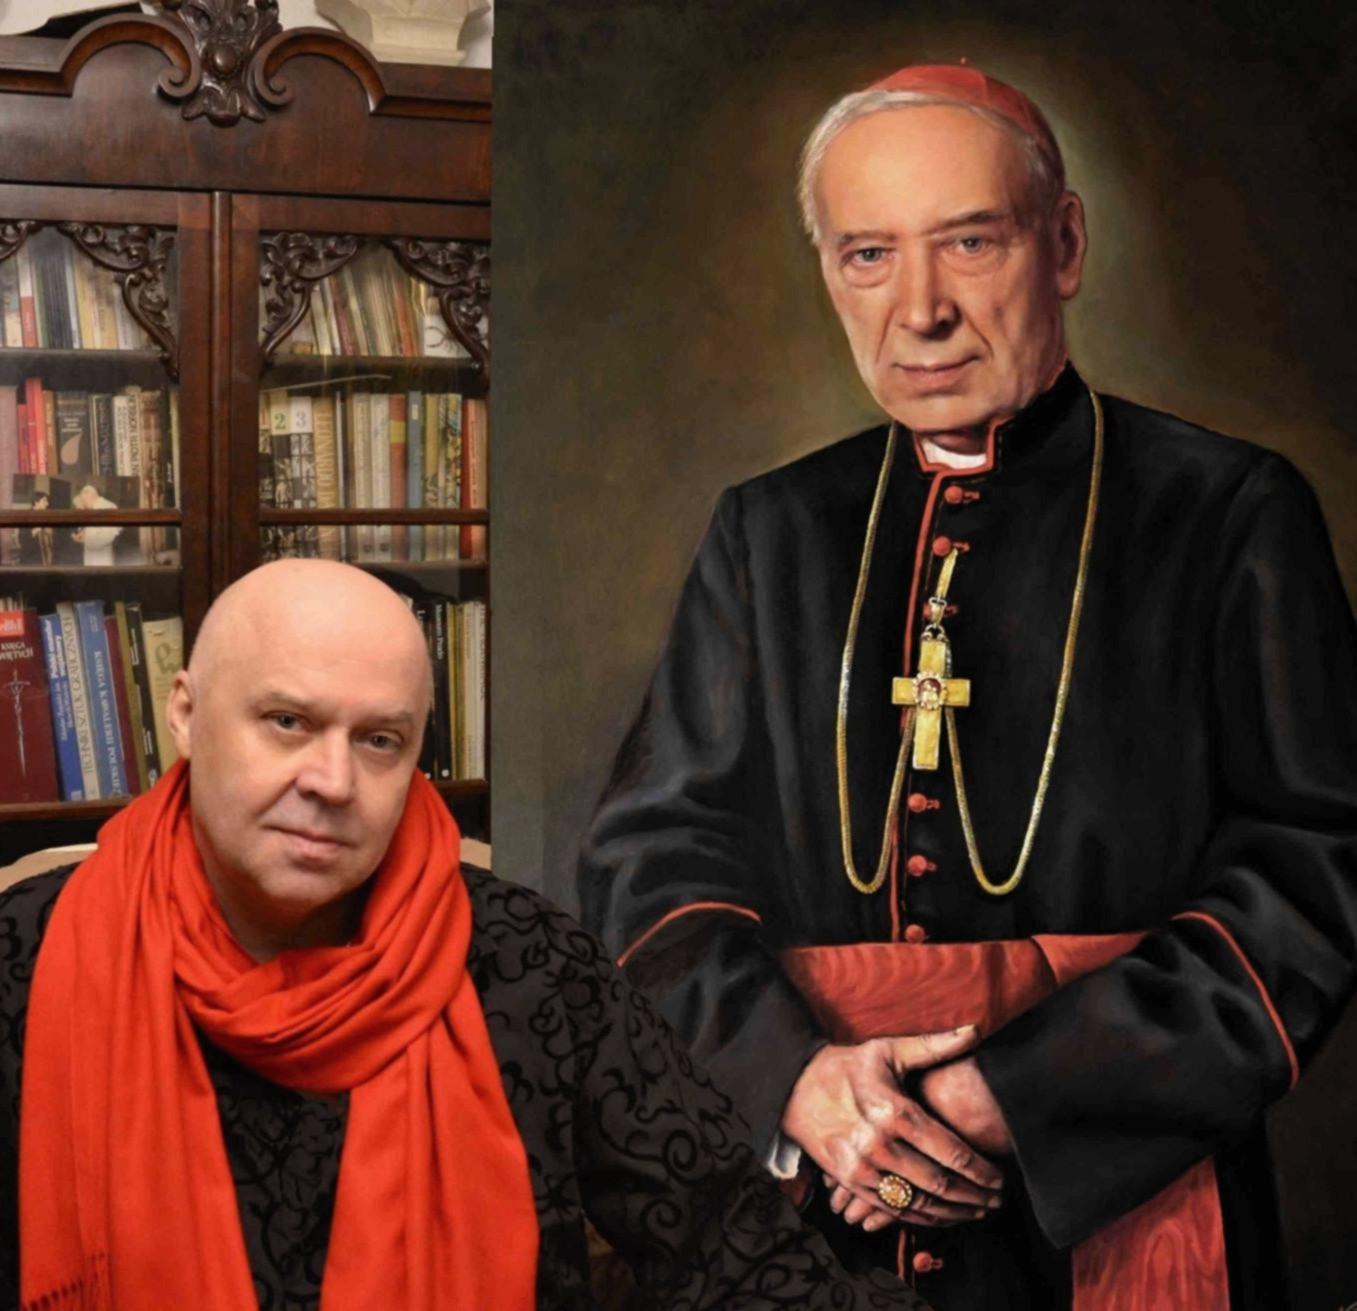 File:Stefan Kardynał Wyszyński i autor portretu Zbigniew Kotyłło, Aula KUL.jpg - Wikimedia Commons